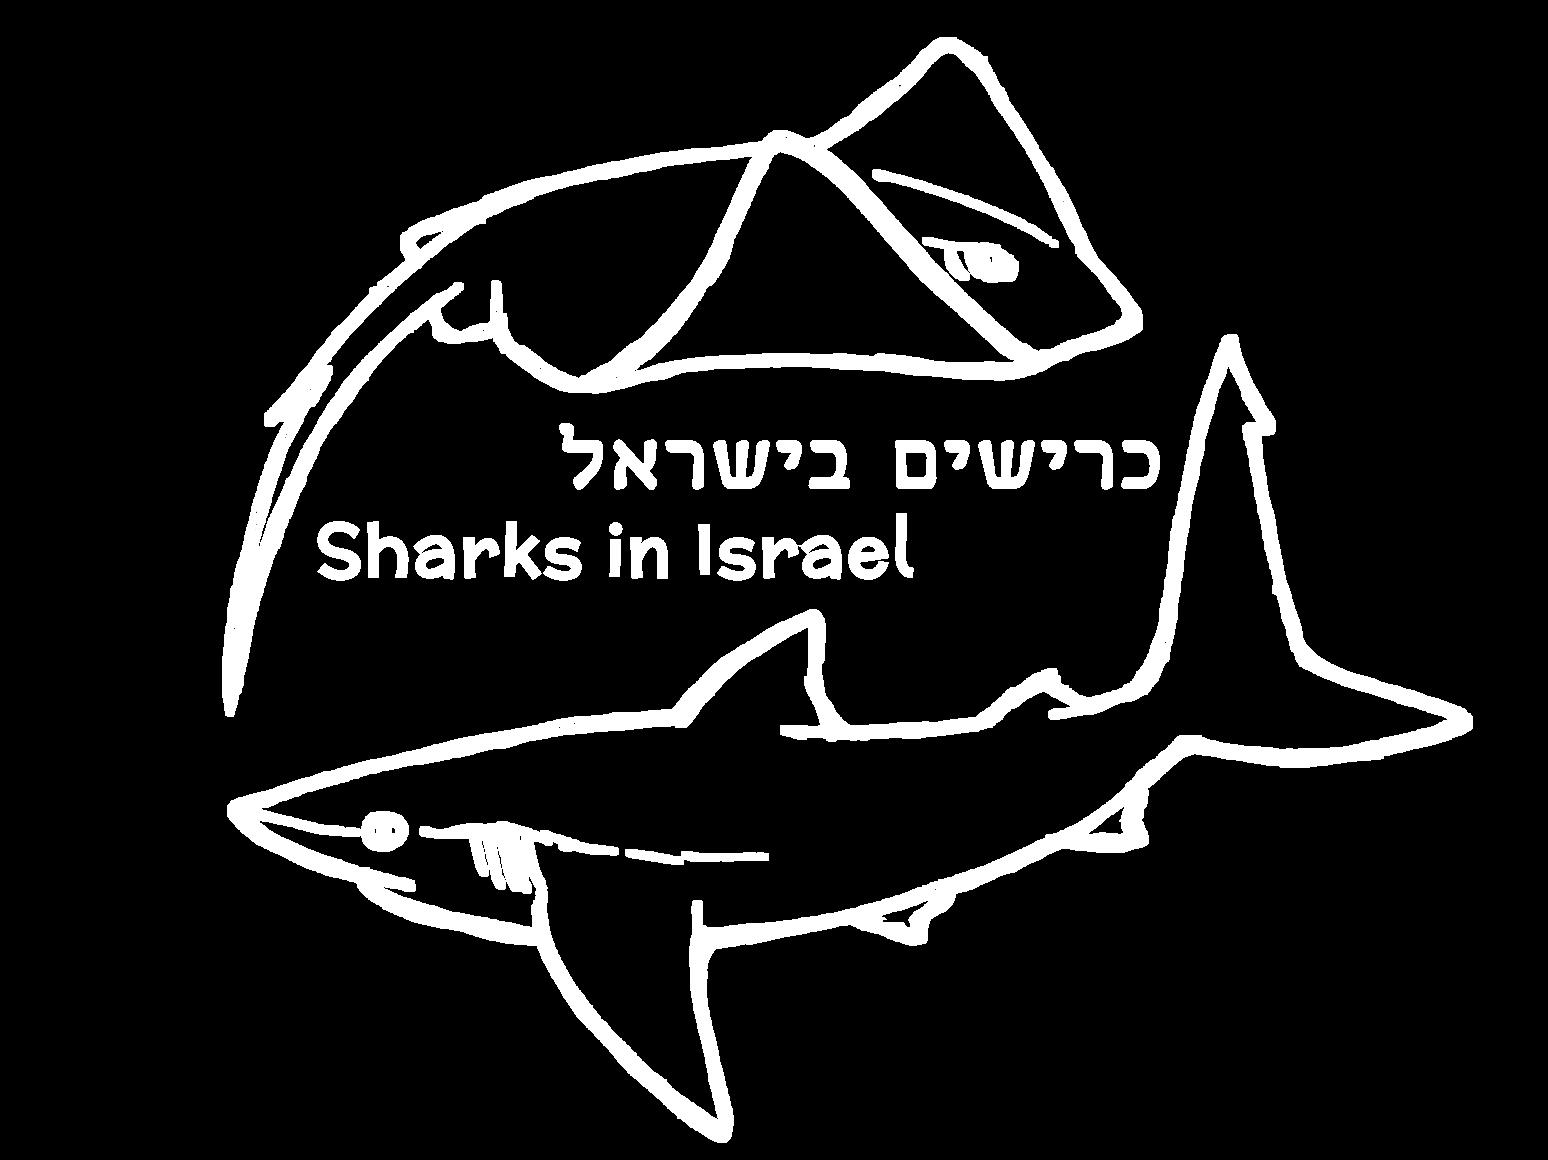 לוגו כרישים בישראל כריש וטריגון במעגל